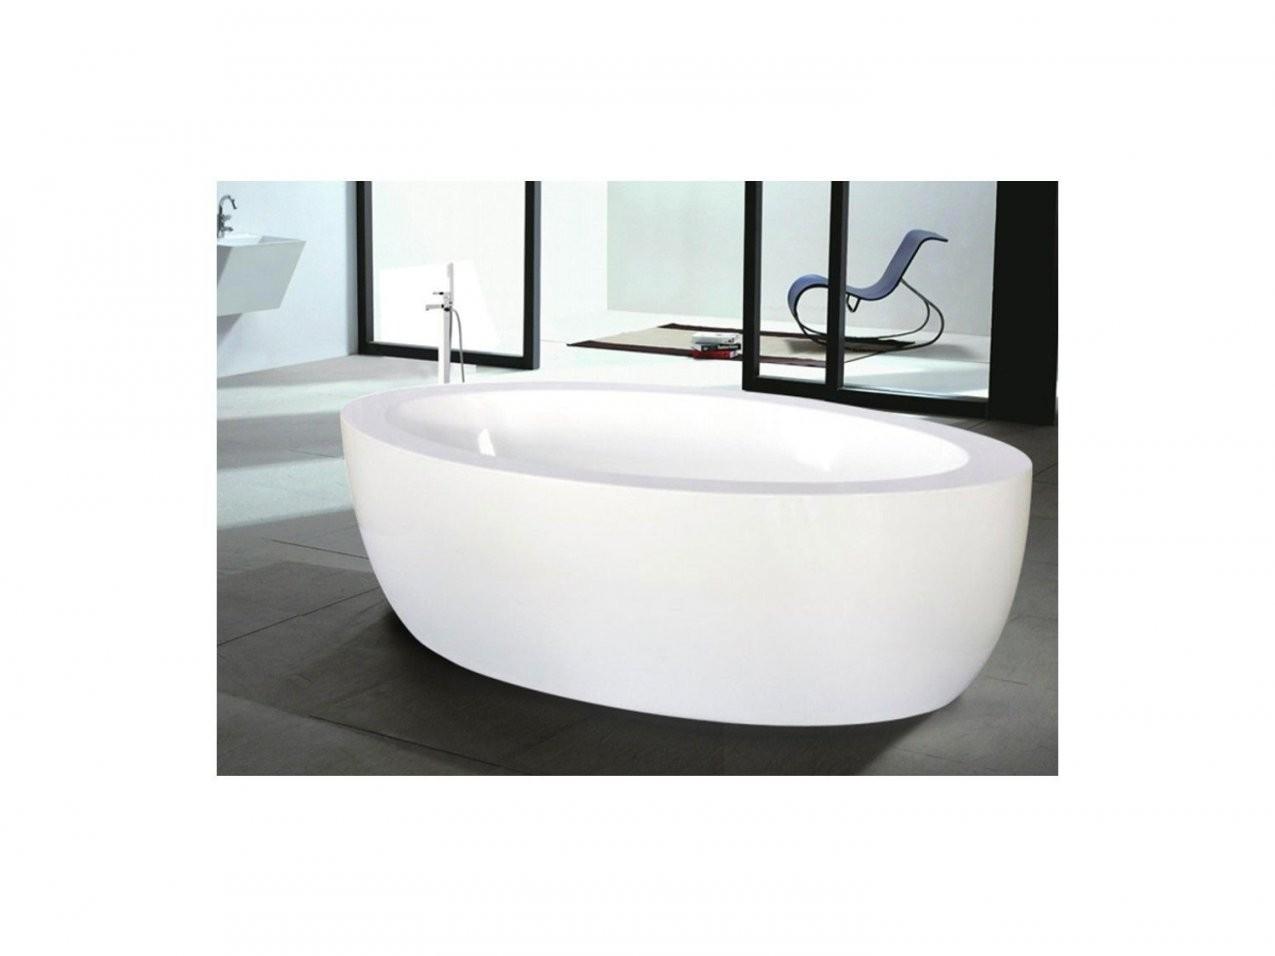 Freistehende Badewanne Marmara  206 L  Weiß  Bad  Pinterest von Freistehende Badewanne Günstig Kaufen Bild